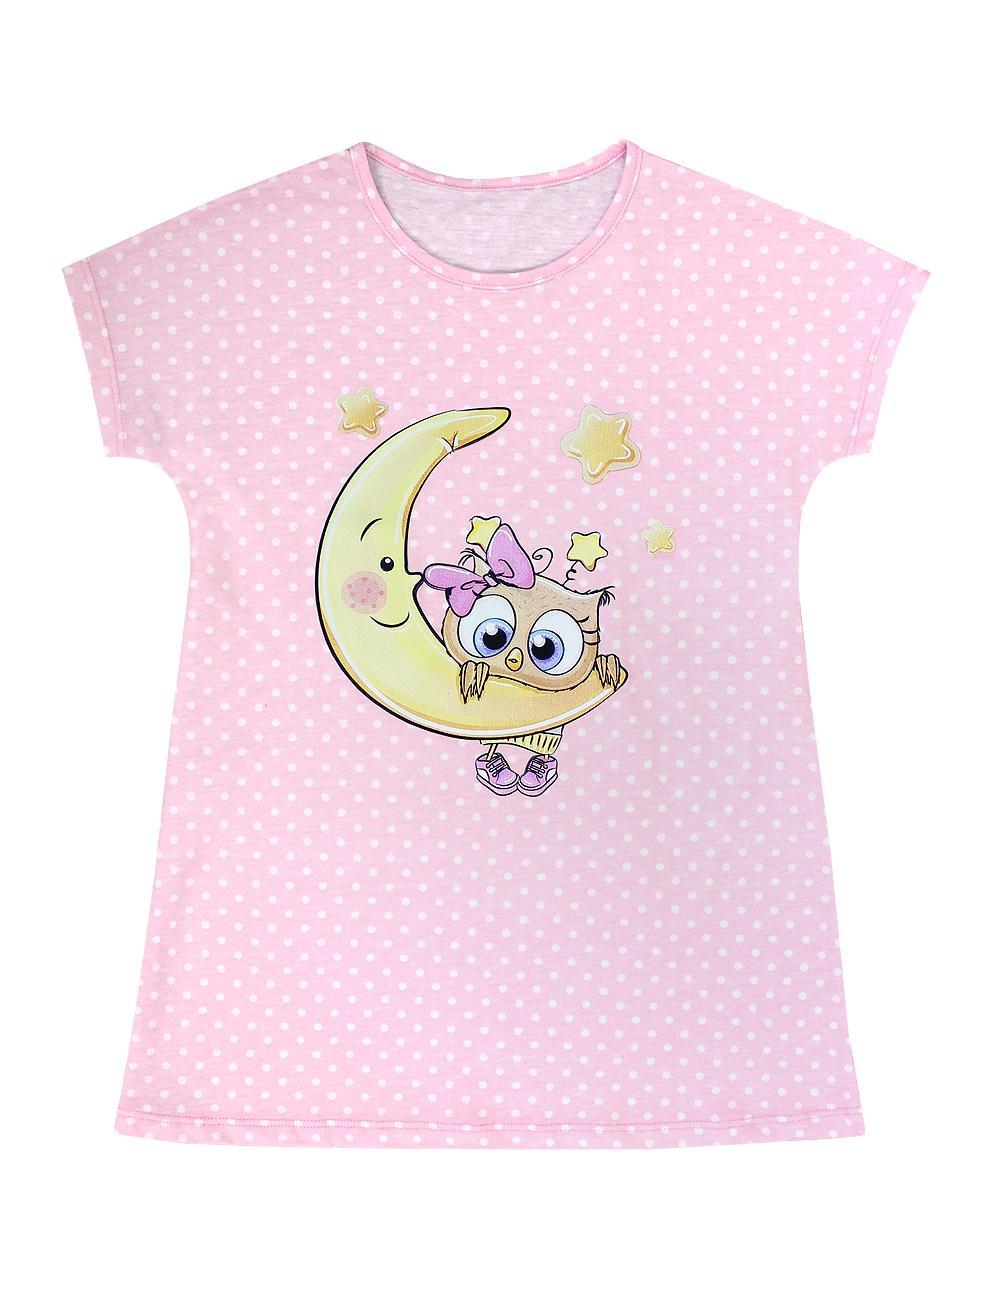 Сорочка детская KETMIN Совушка цв.Розовый горох